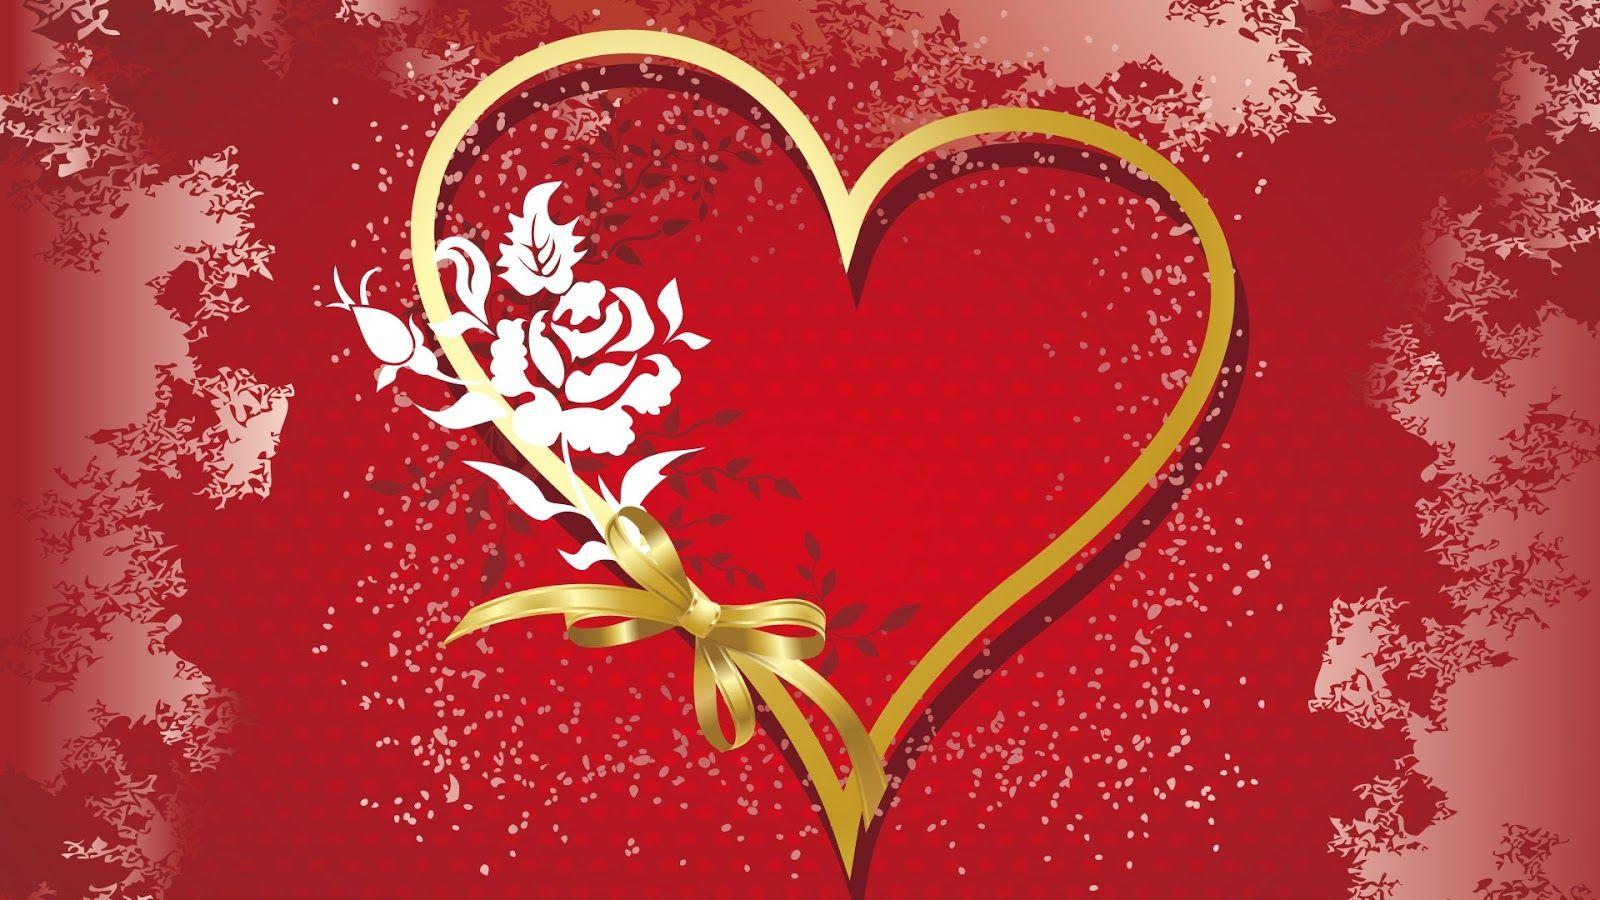 valentines day wallpaper download | valentines day | pinterest